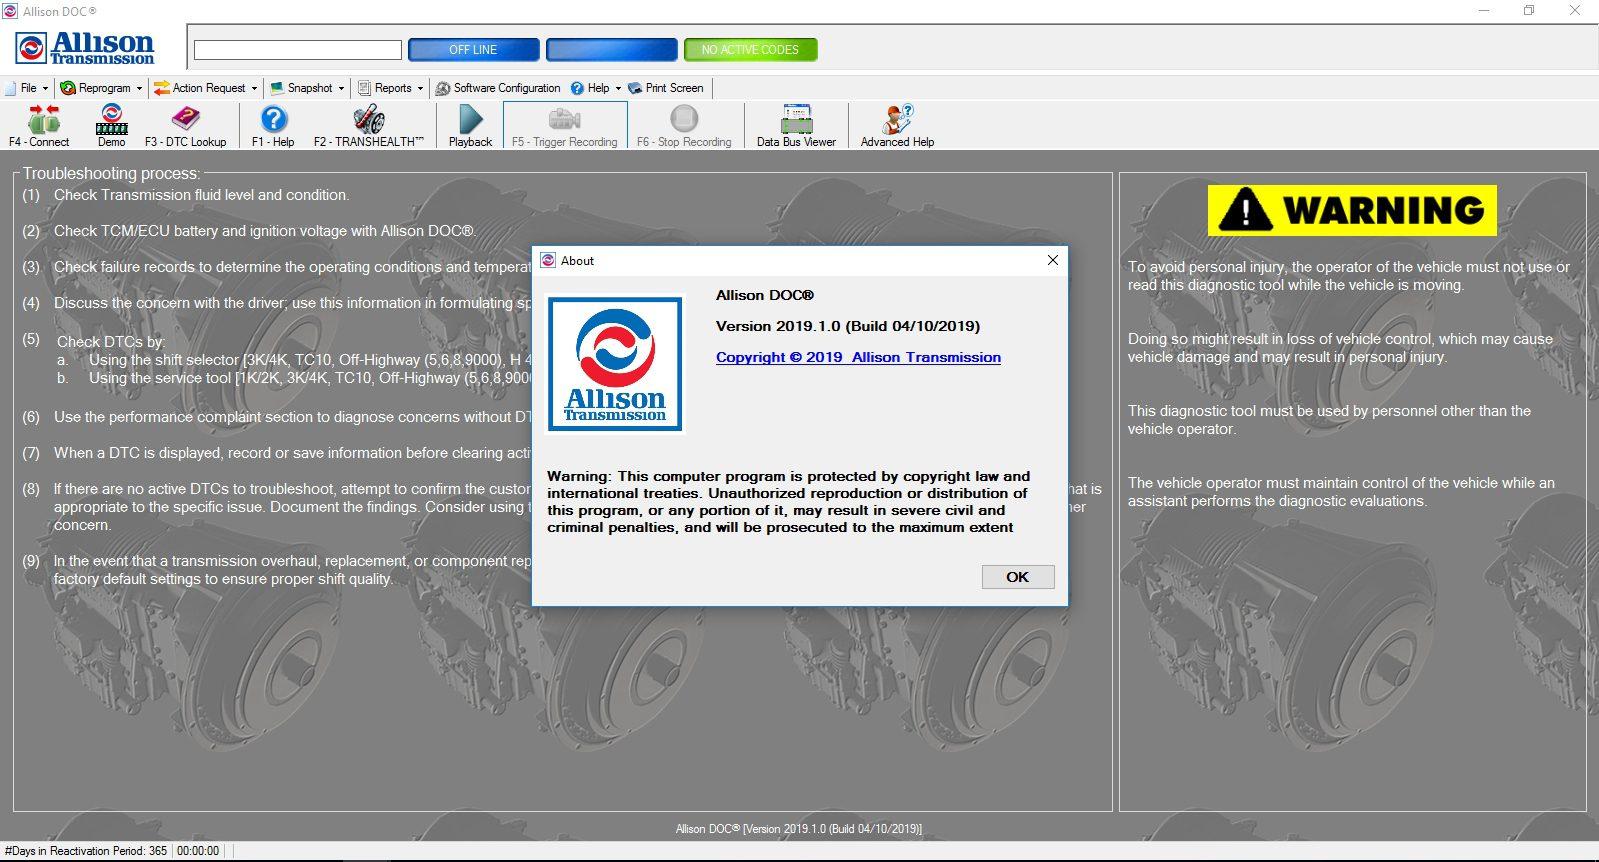 Universal_Allison_DOC_v201910_Build_042019_Transmission_Diagnostic_Software_Full_Instruction_2